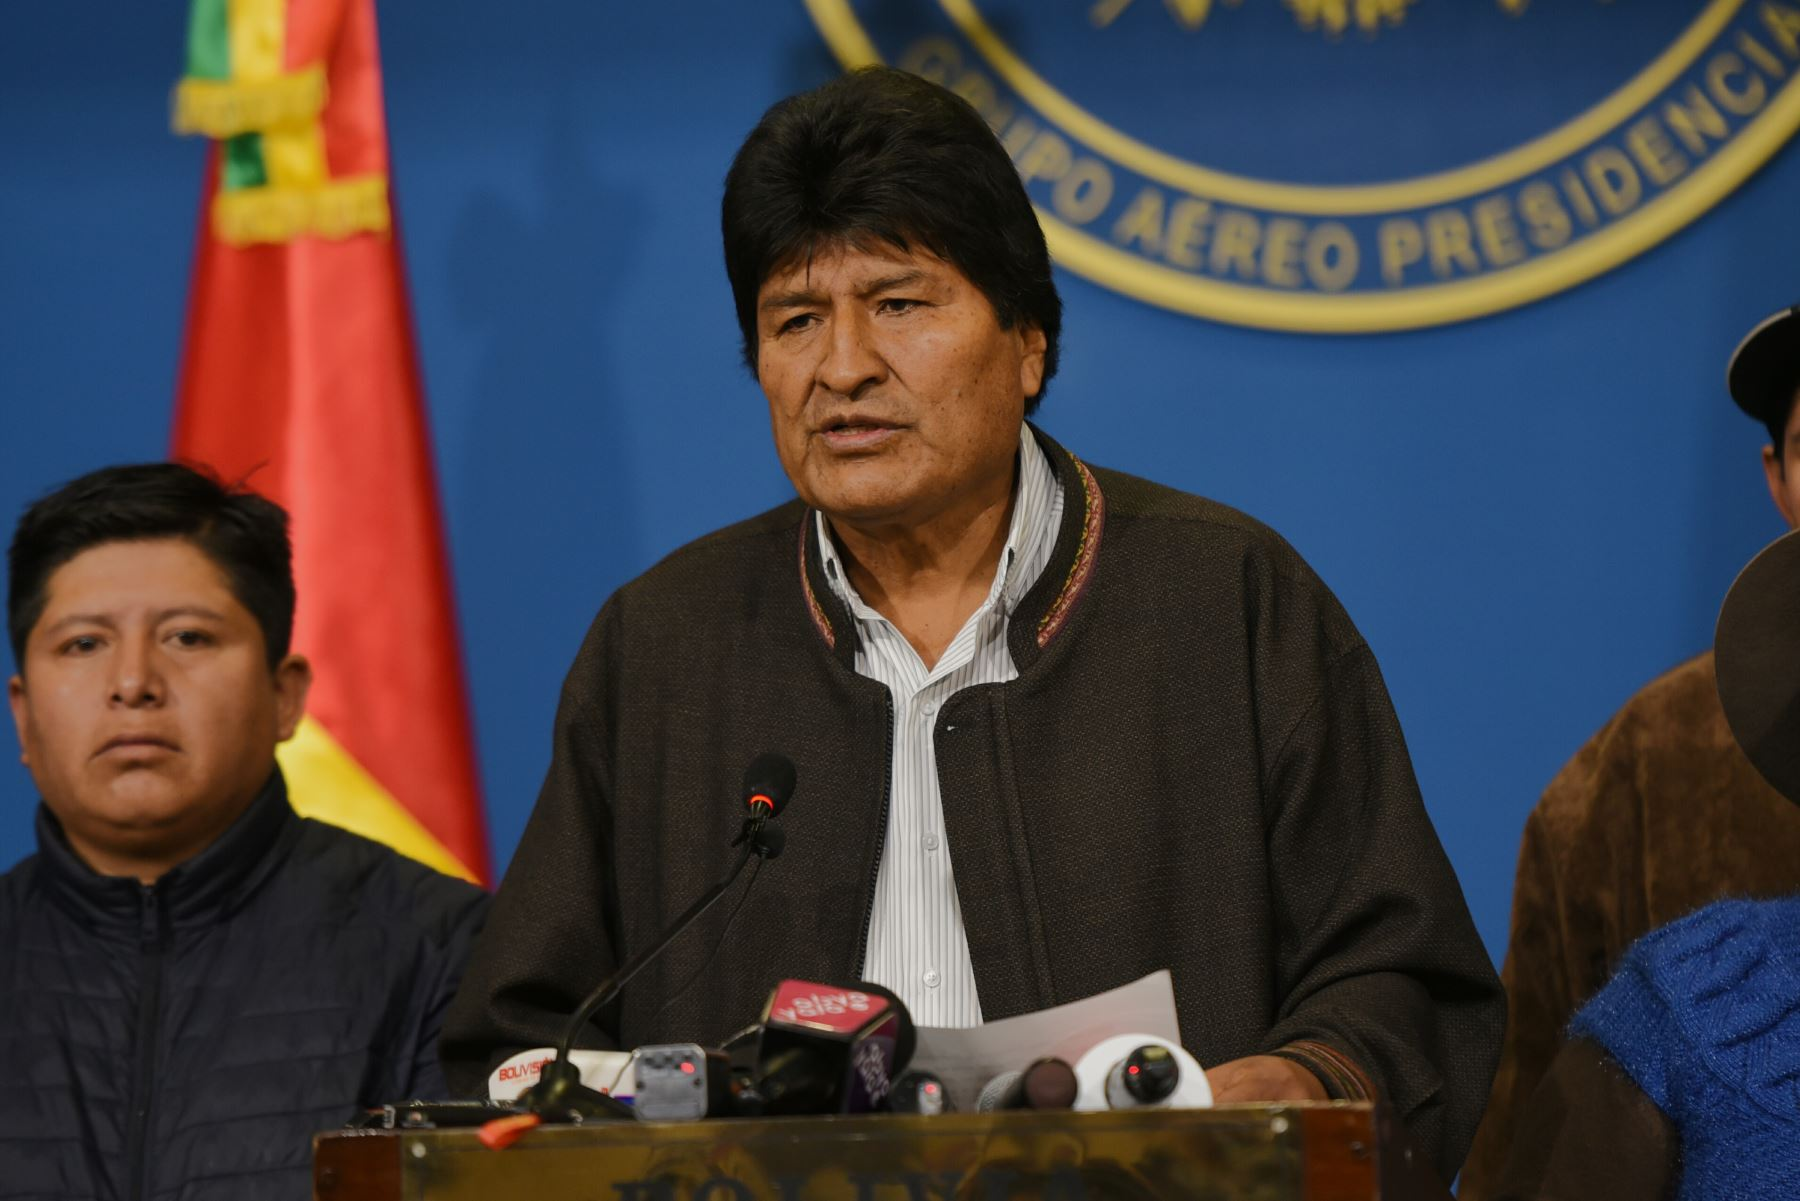 En conferencia de prensa, el presidente Evo Morales, convoca a nuevas elecciones generales en Bolivia. Foto: Agencia Boliviana de Información